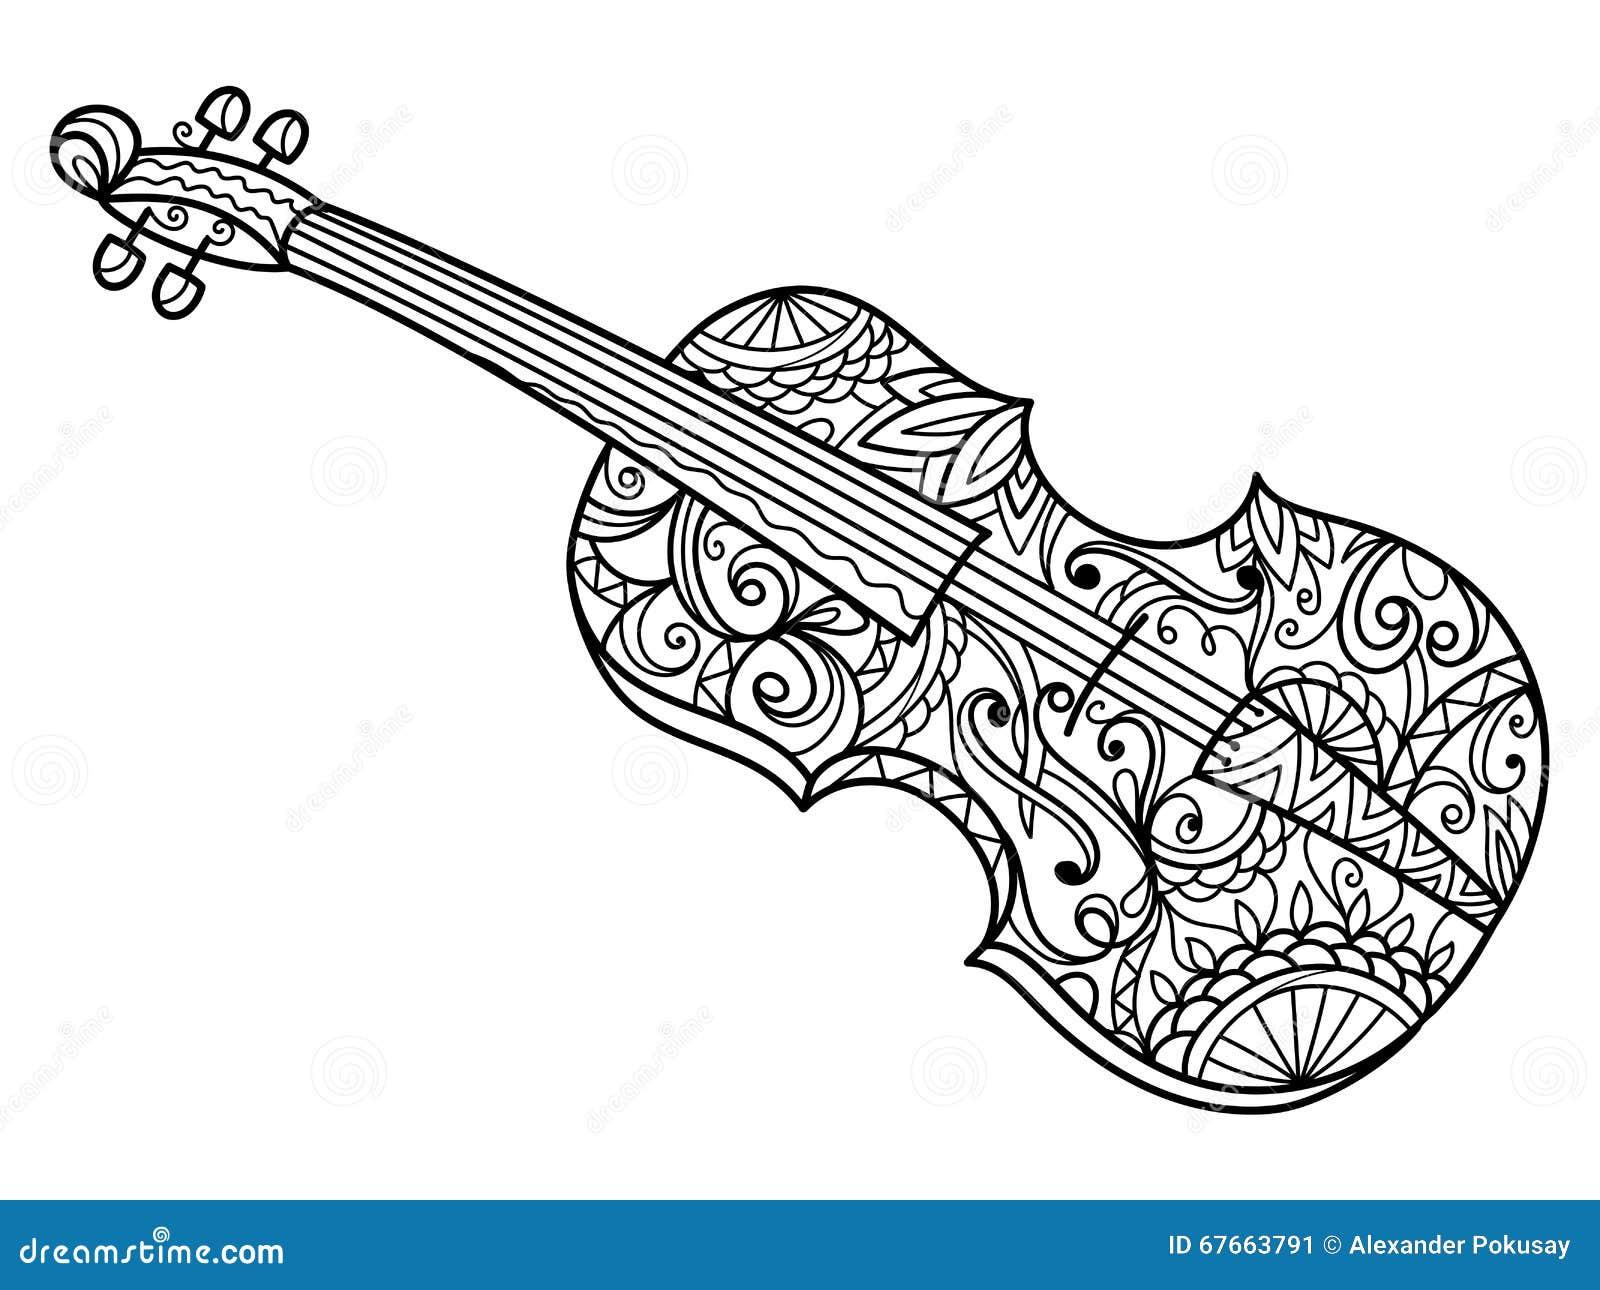 Pagine Da Colorare Per Adulti Libro Modello Astratto: Libro Da Colorare Del Violino Per Il Vettore Degli Adulti